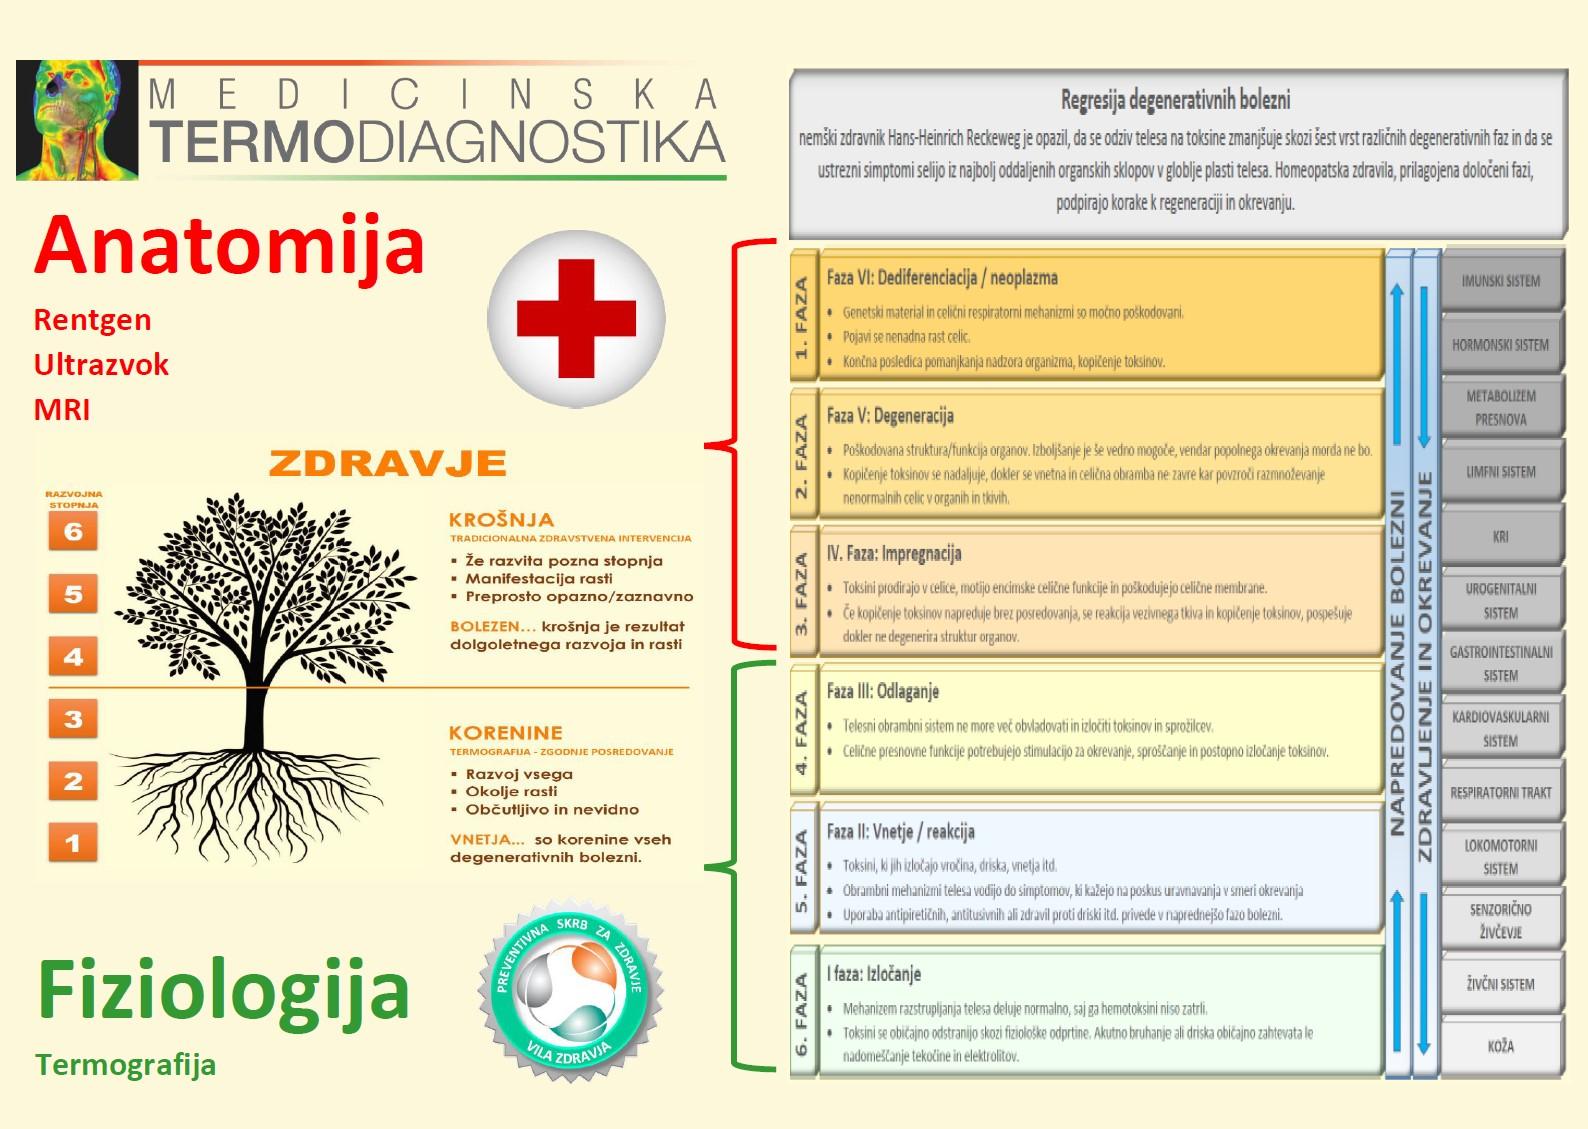 Regresija degenerativnih bolezni - Anatomija - Fiziologija